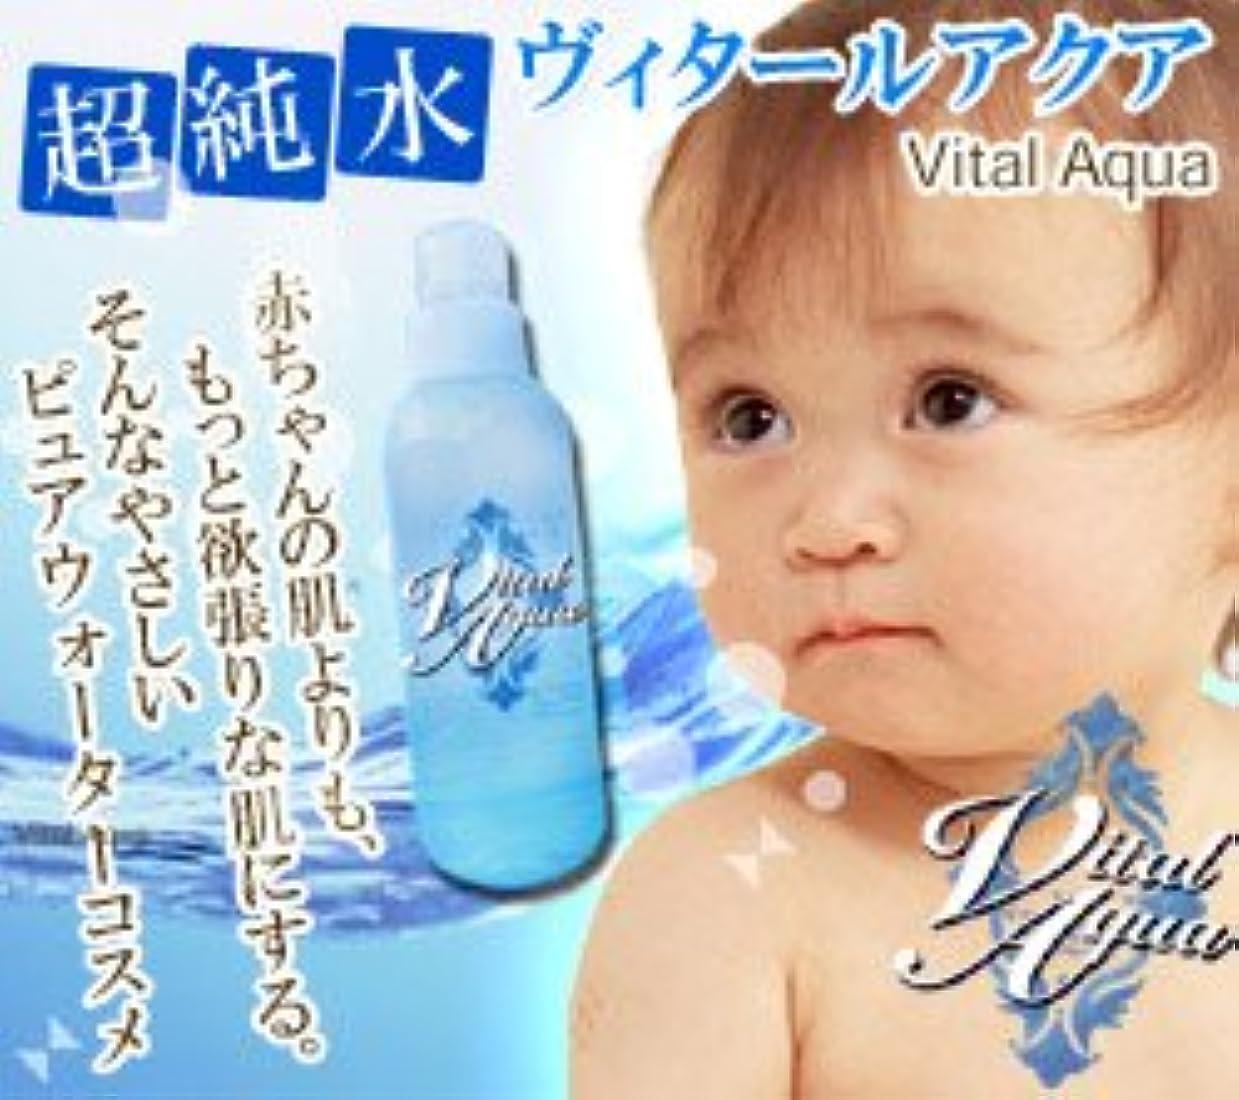 一般的な不屈スクリュー超純水化粧水 ヴィタールアクア200ml